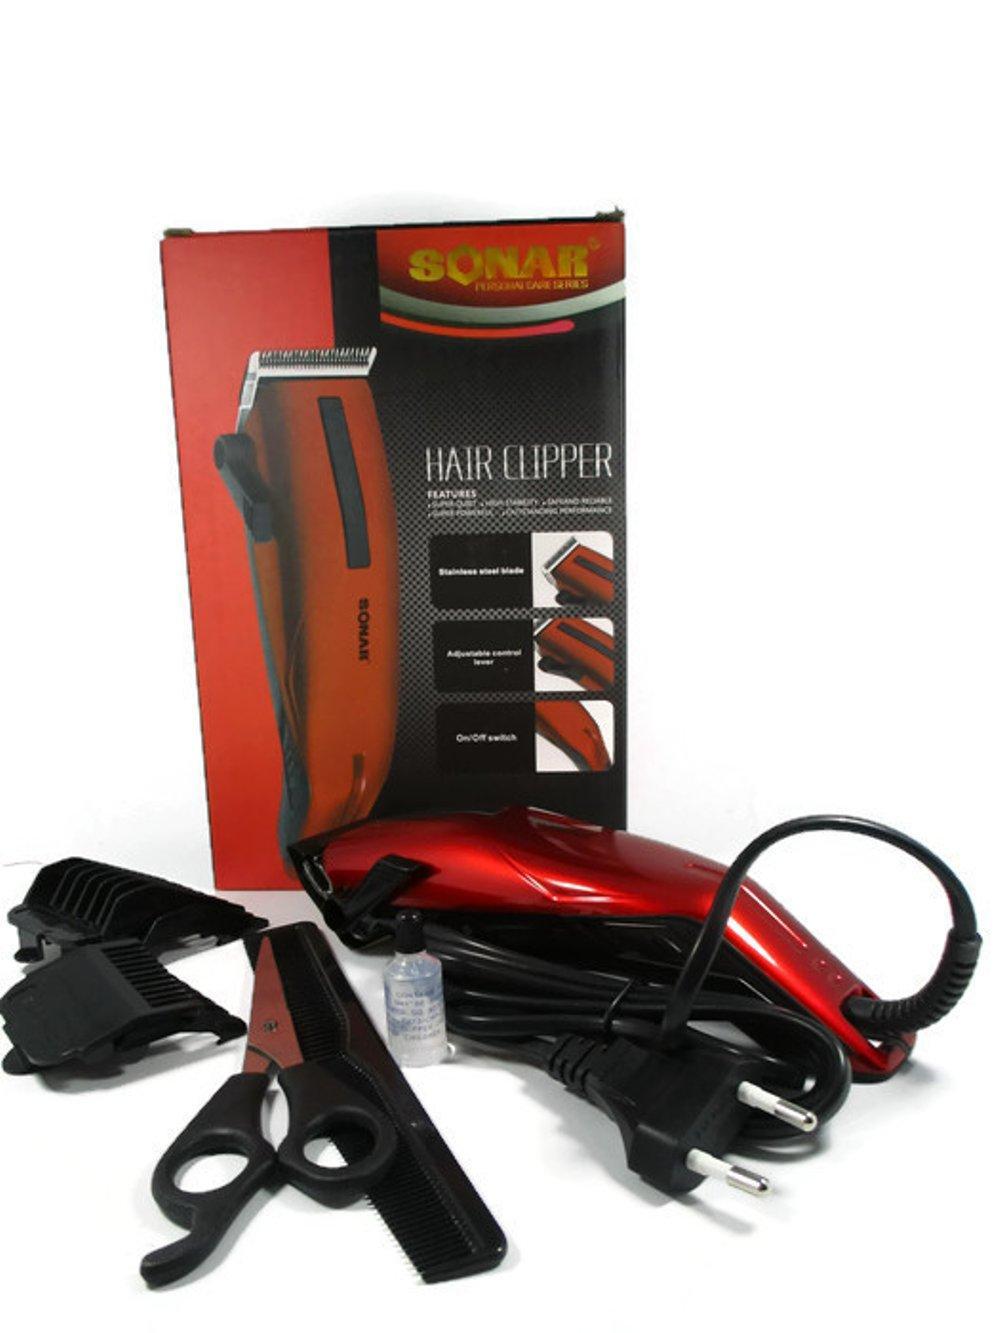 Original Alat Cukur Rambut Sonar SN 103 Mesin Cukur Rambut Hair Clipper  Alat Pangkas Rambut Sonar 5ed2f6f025